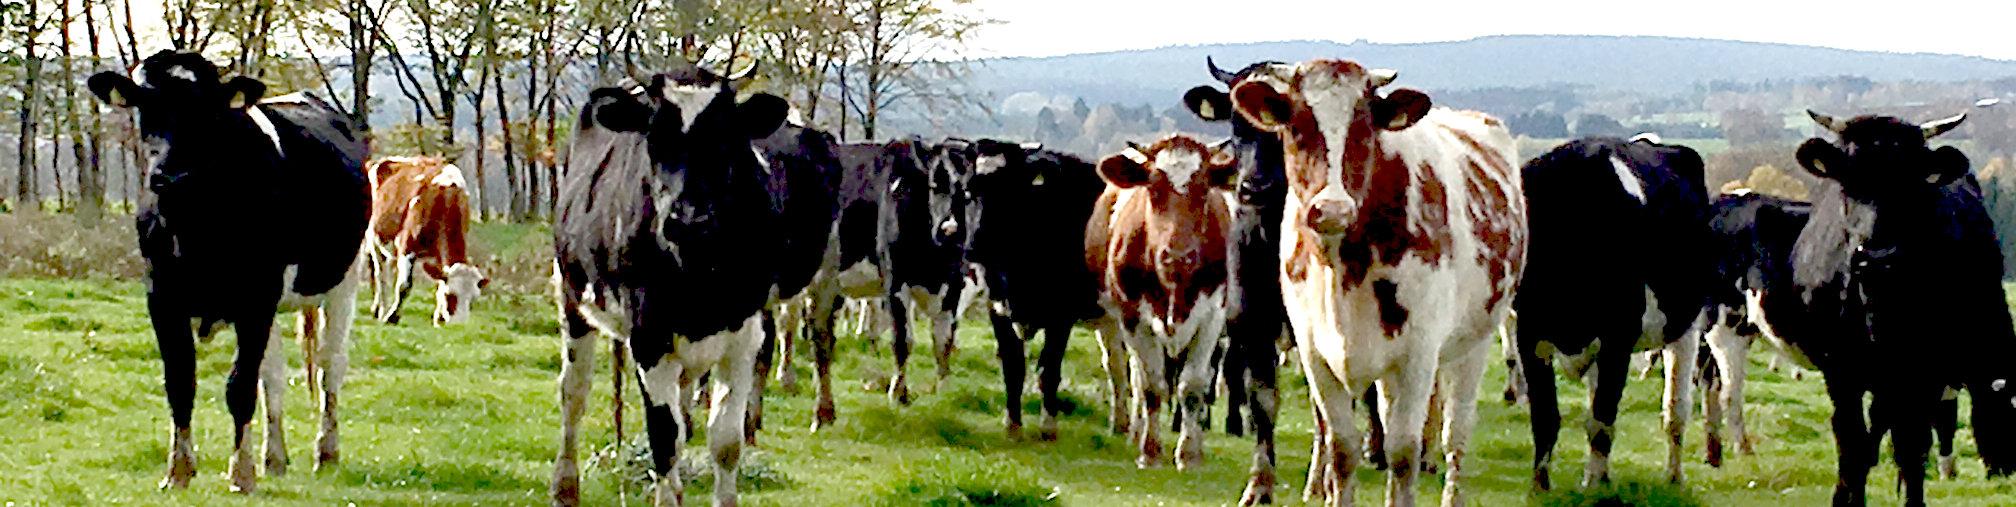 Kühe in Monschau Imgenbroich